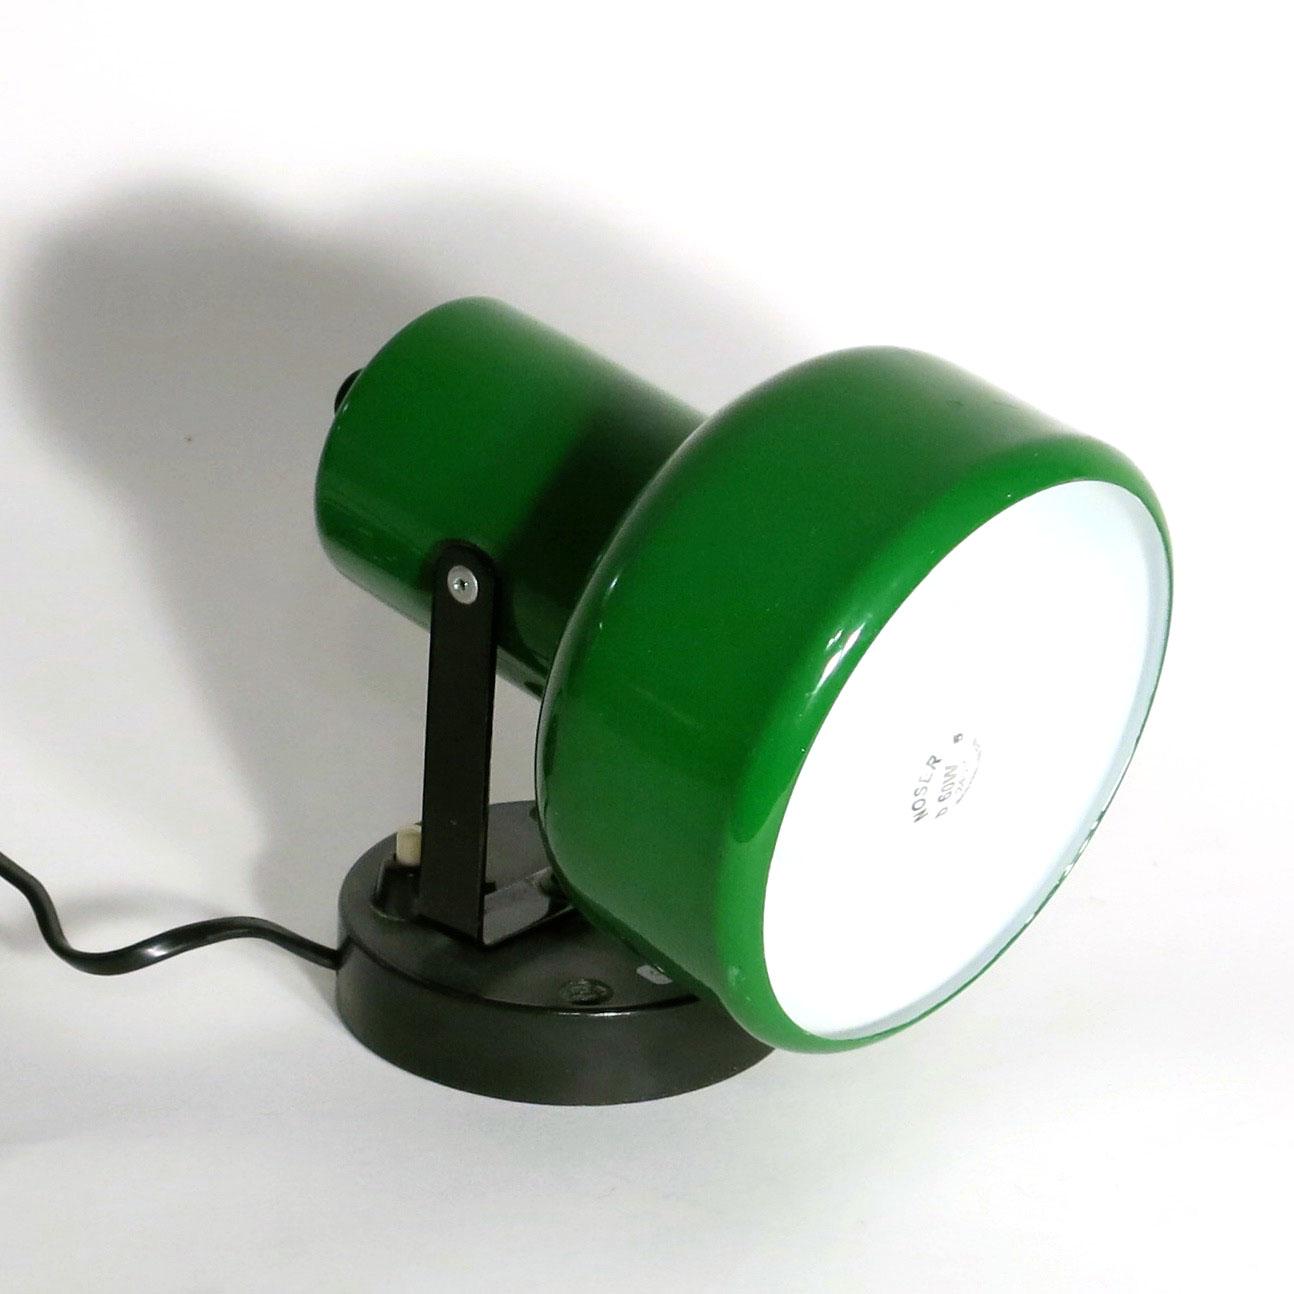 wandspotlampe gr n m bel z rich vintagem bel. Black Bedroom Furniture Sets. Home Design Ideas